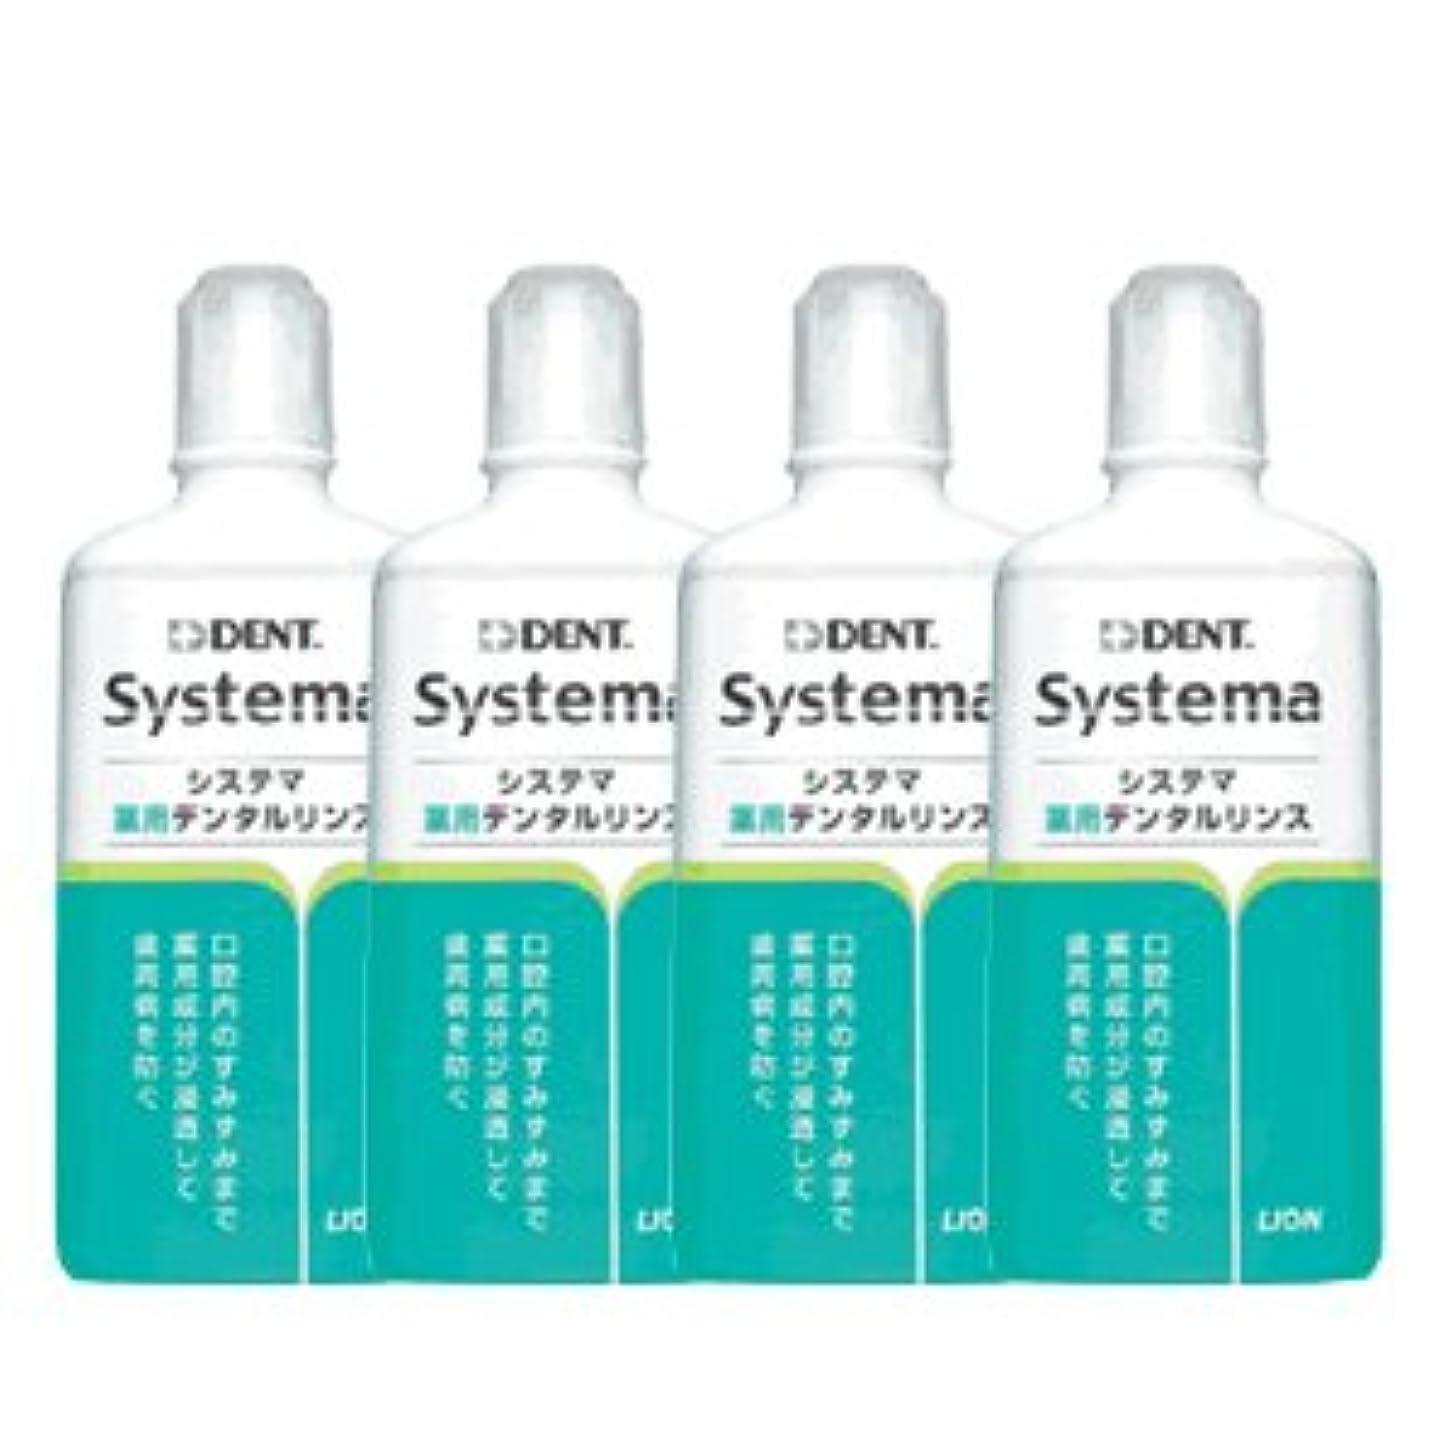 ドアスティックループライオン システマ 薬用 デンタルリンス 450ml レギュラータイプ 4本セット 医薬部外品